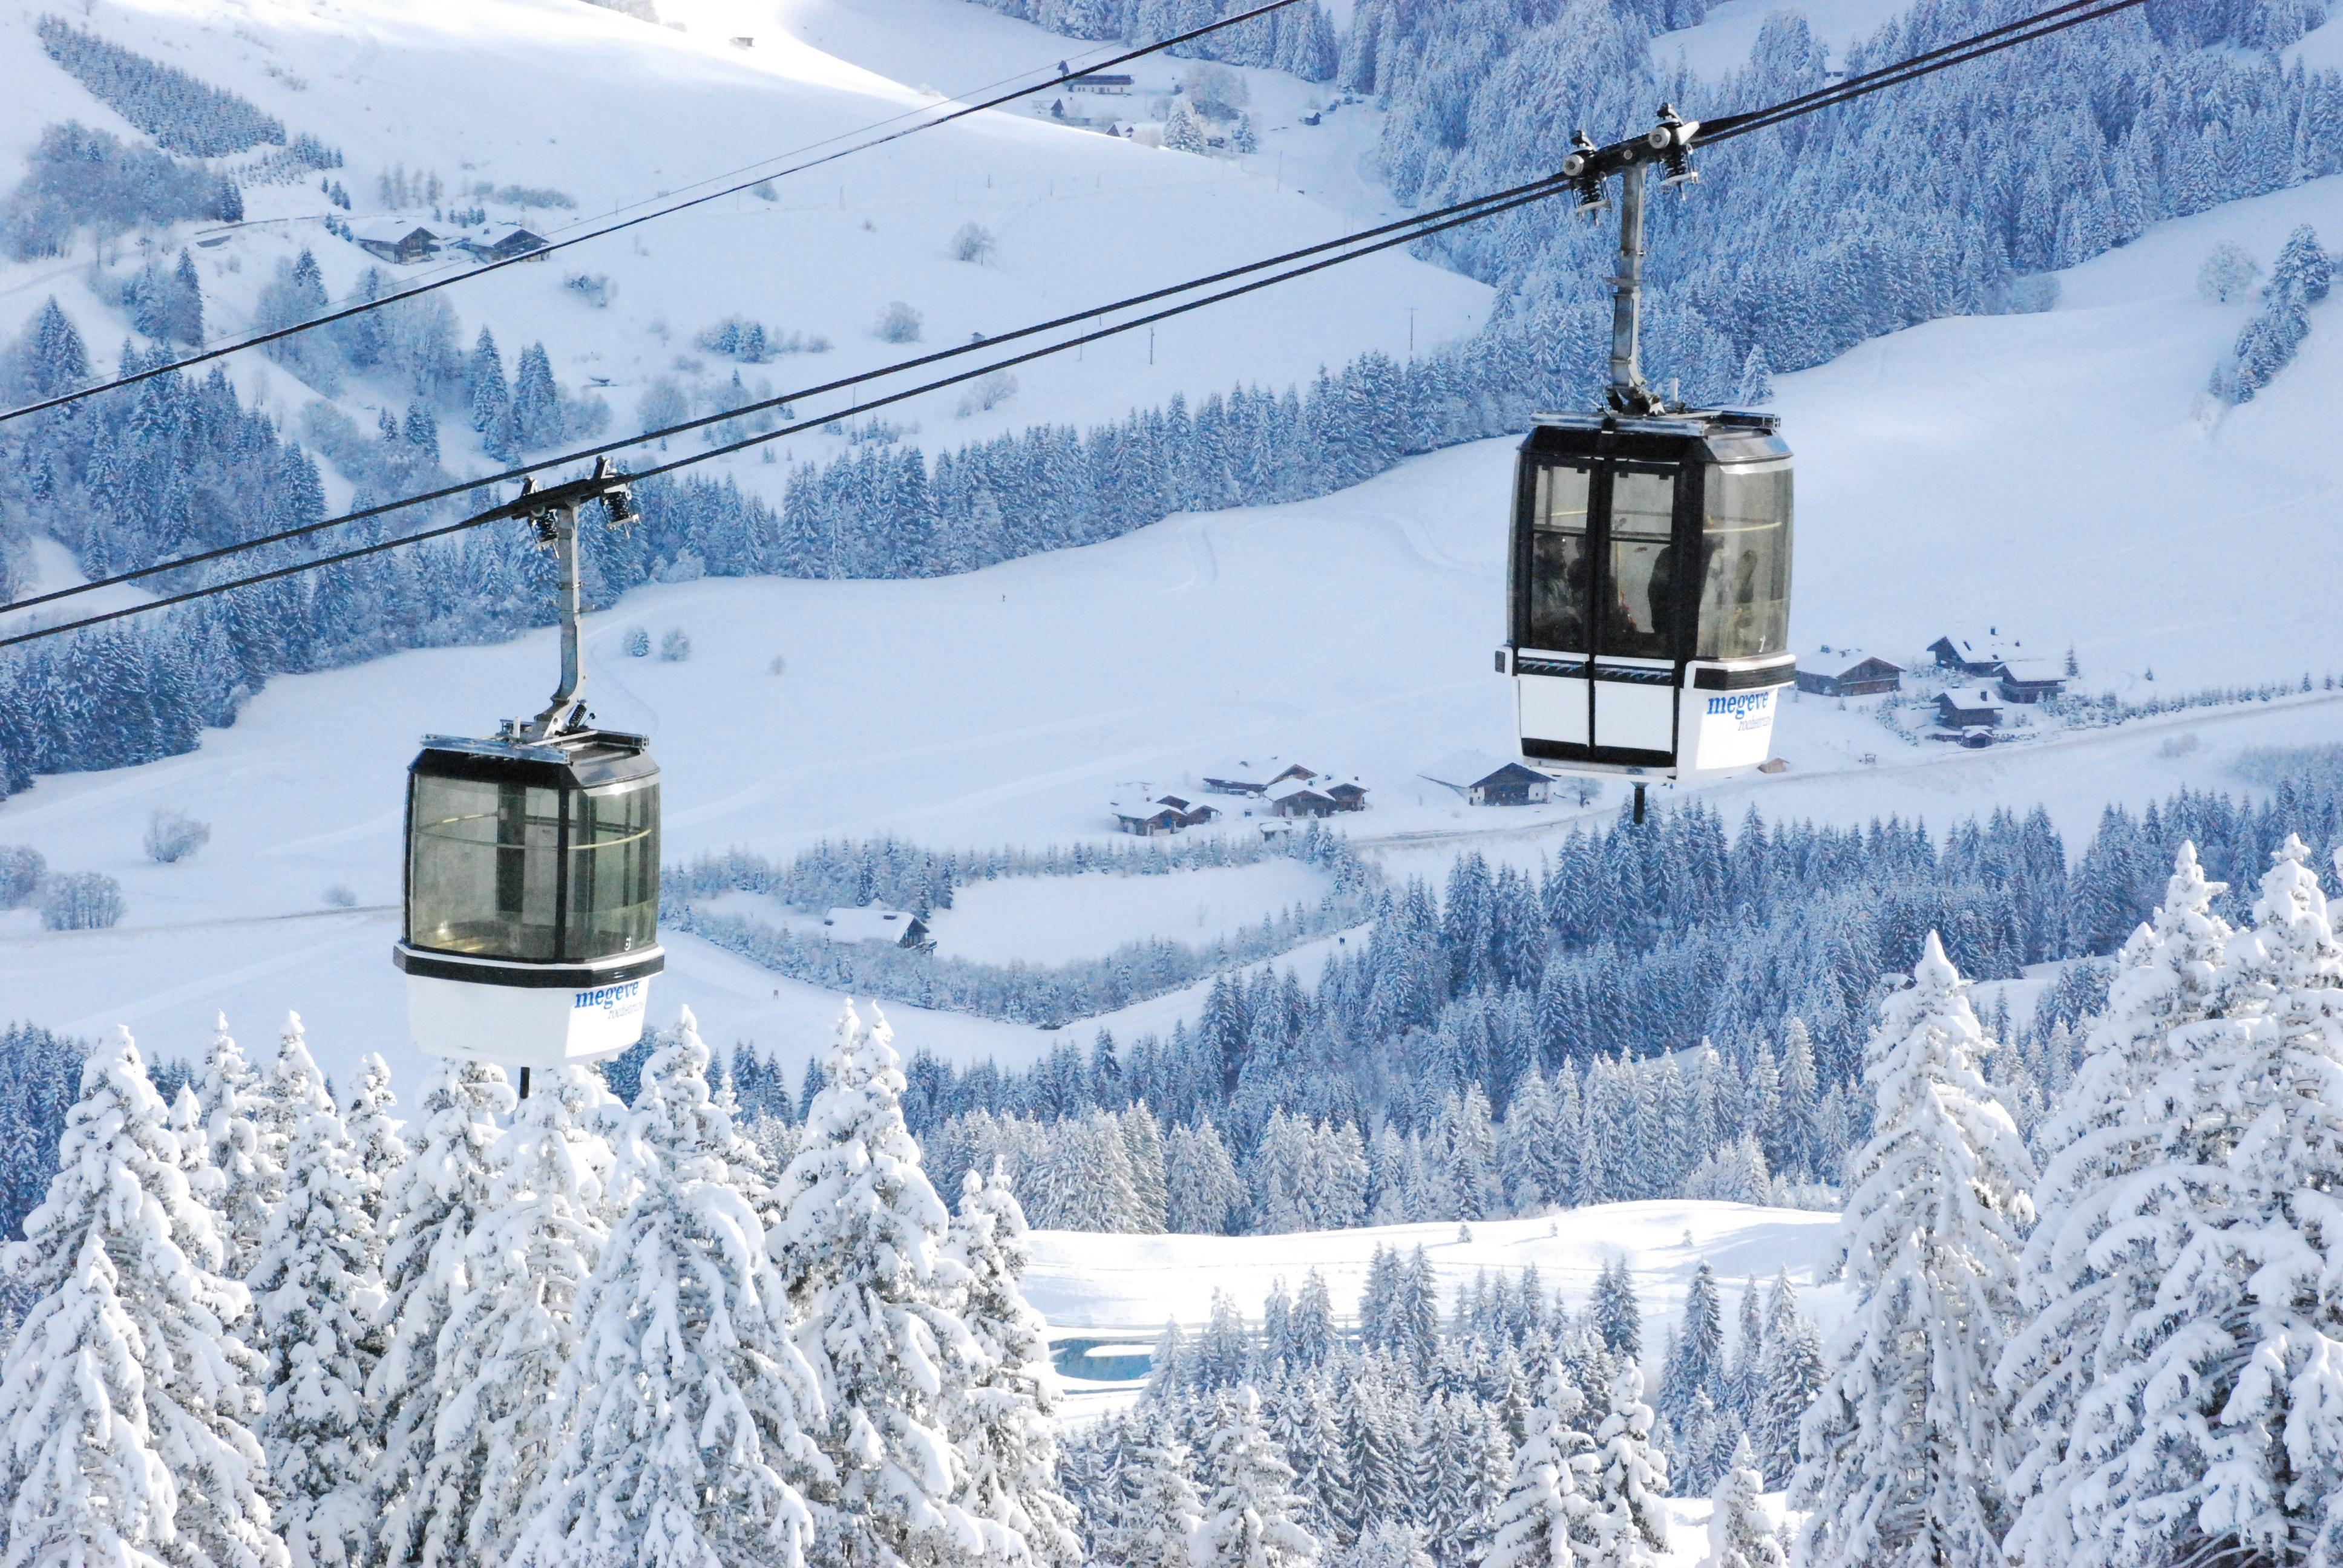 Big world   france lift at ski resort of megeve  france 072057